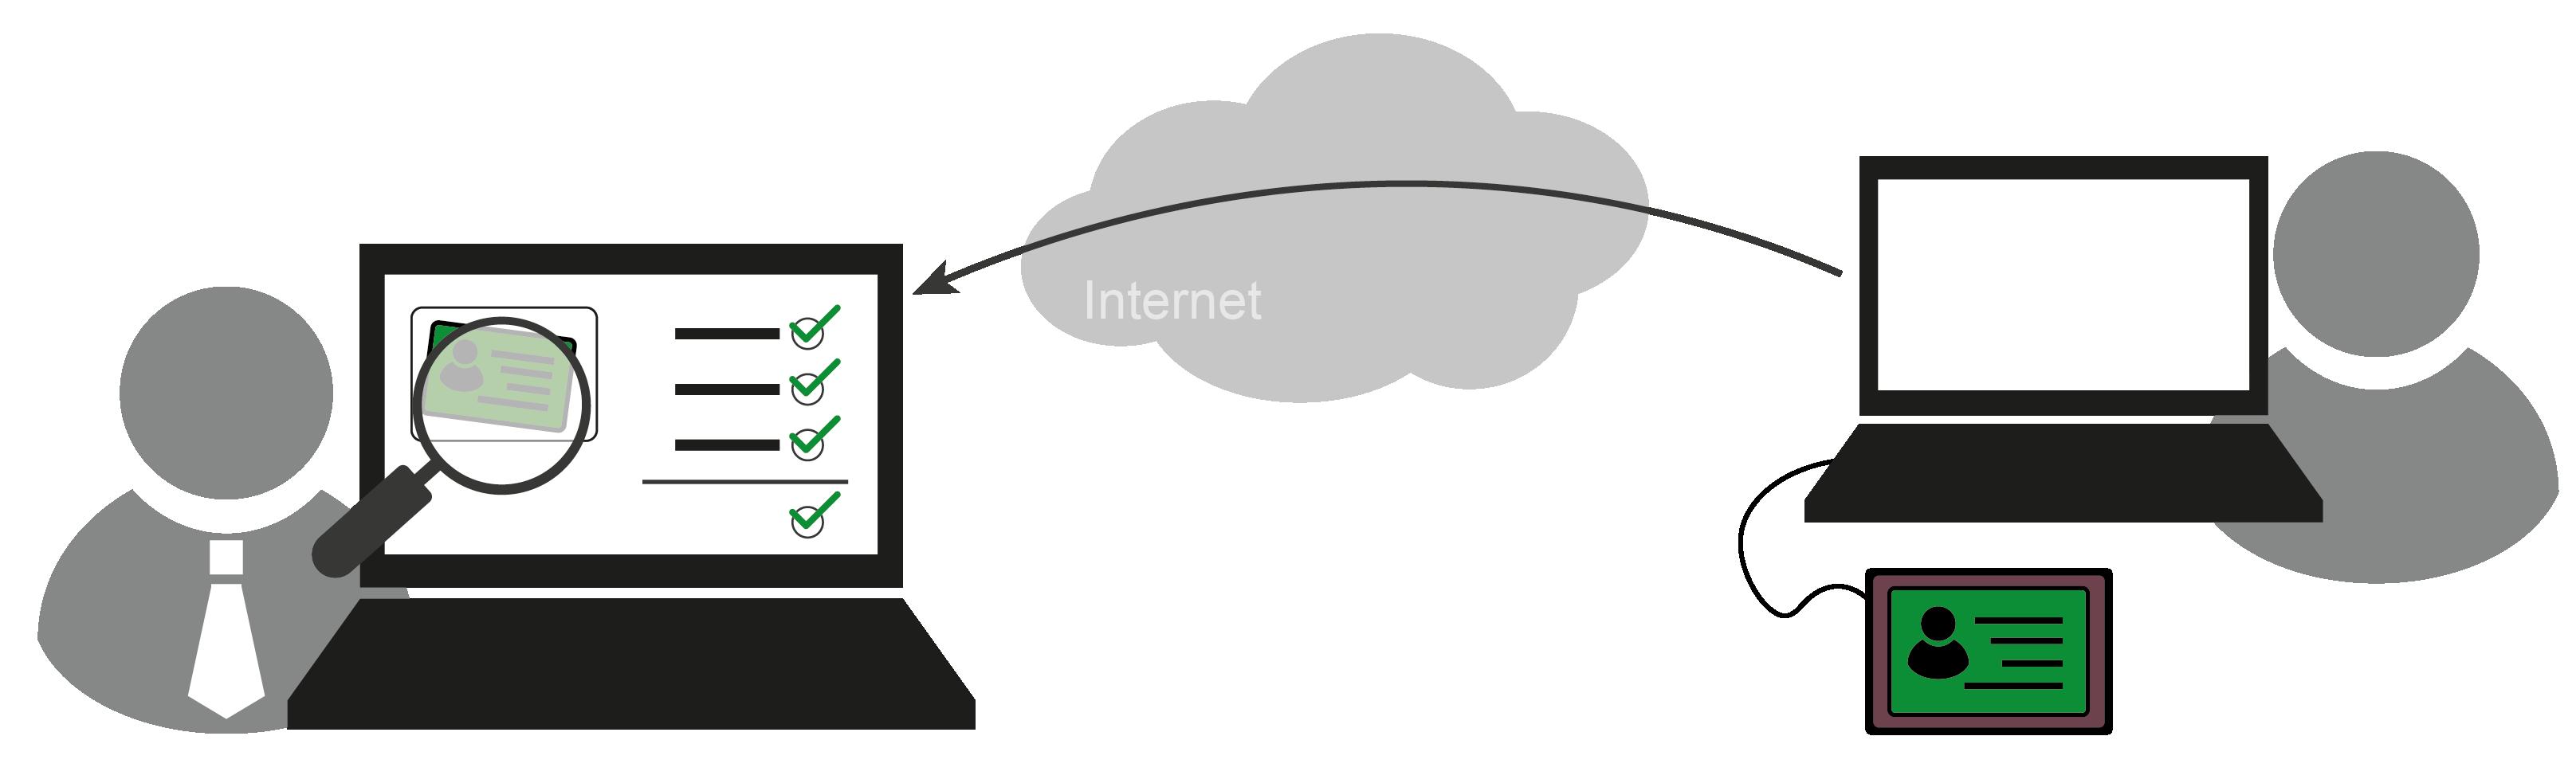 eID-Funktion des Personalausweises - Glossar Cyber-Sicherheit - Prof. Norbert Pohlmann